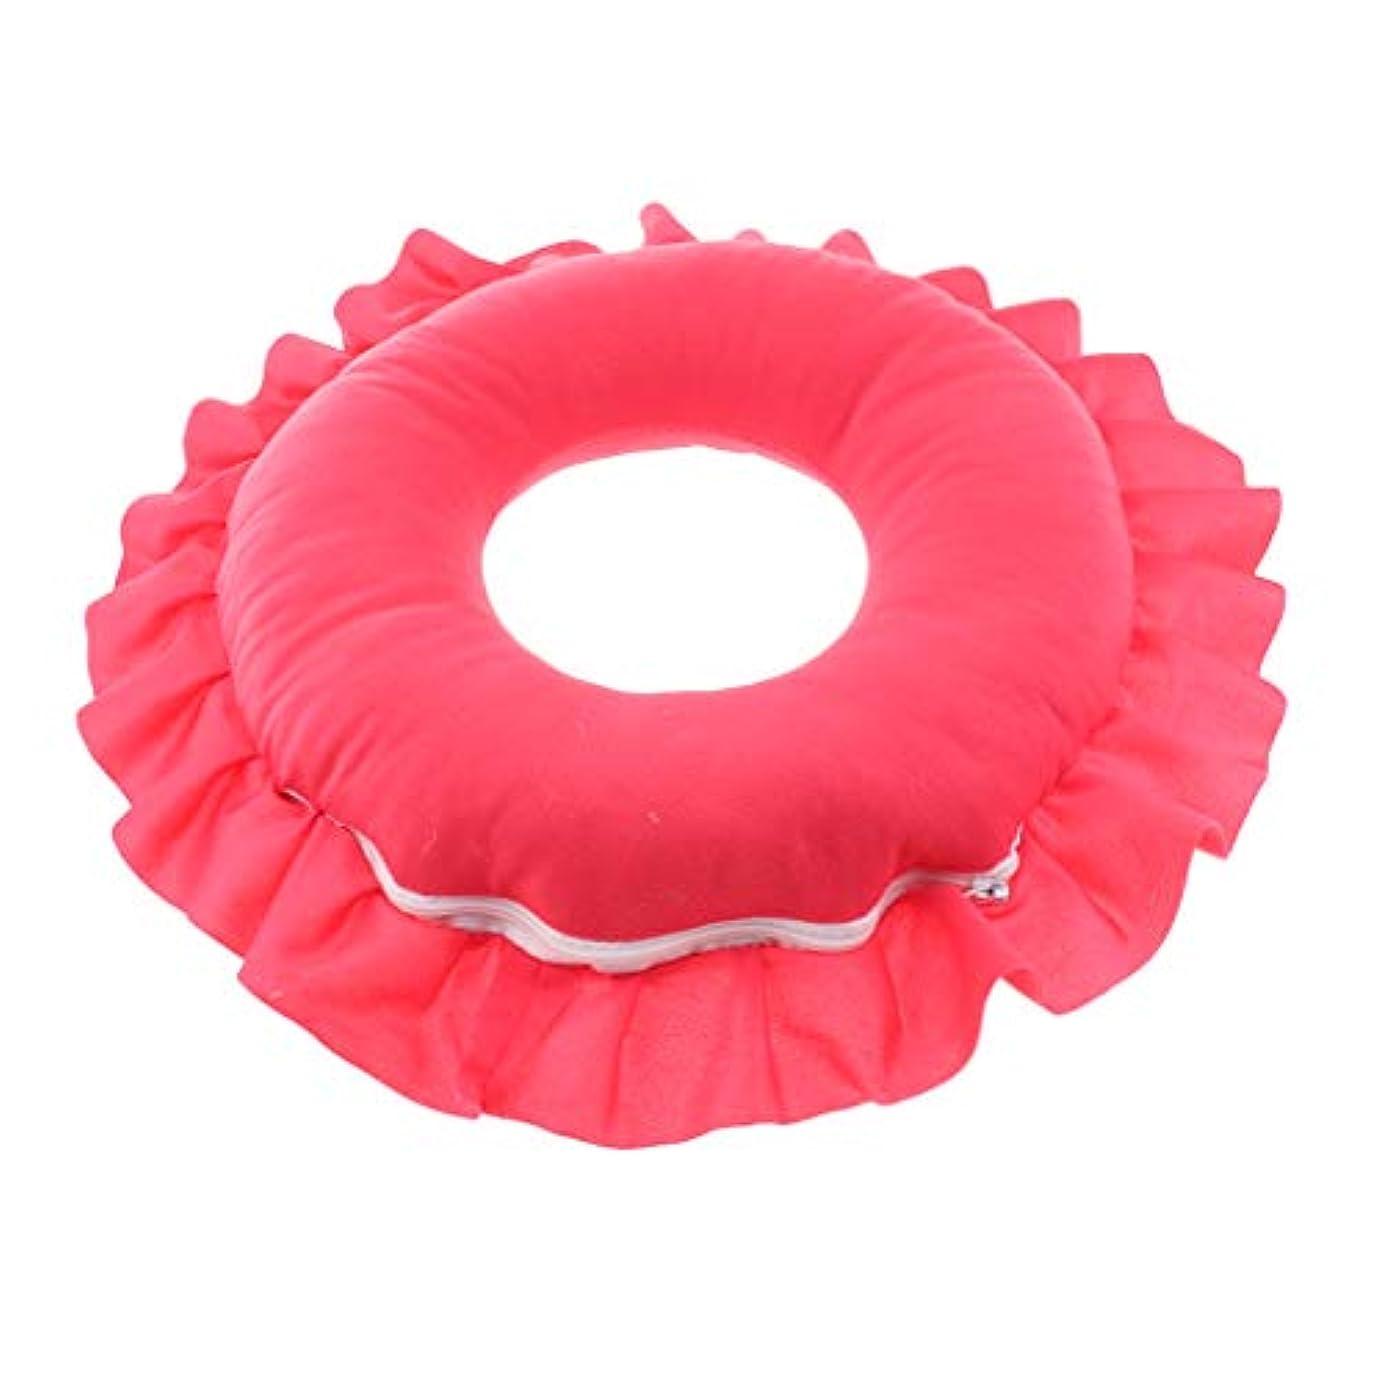 はしご引っ張る弓全4色 洗えるピロー フェイスピロー 顔枕 マッサージベッド 美容院 ソフト 軽量 快適 - 赤